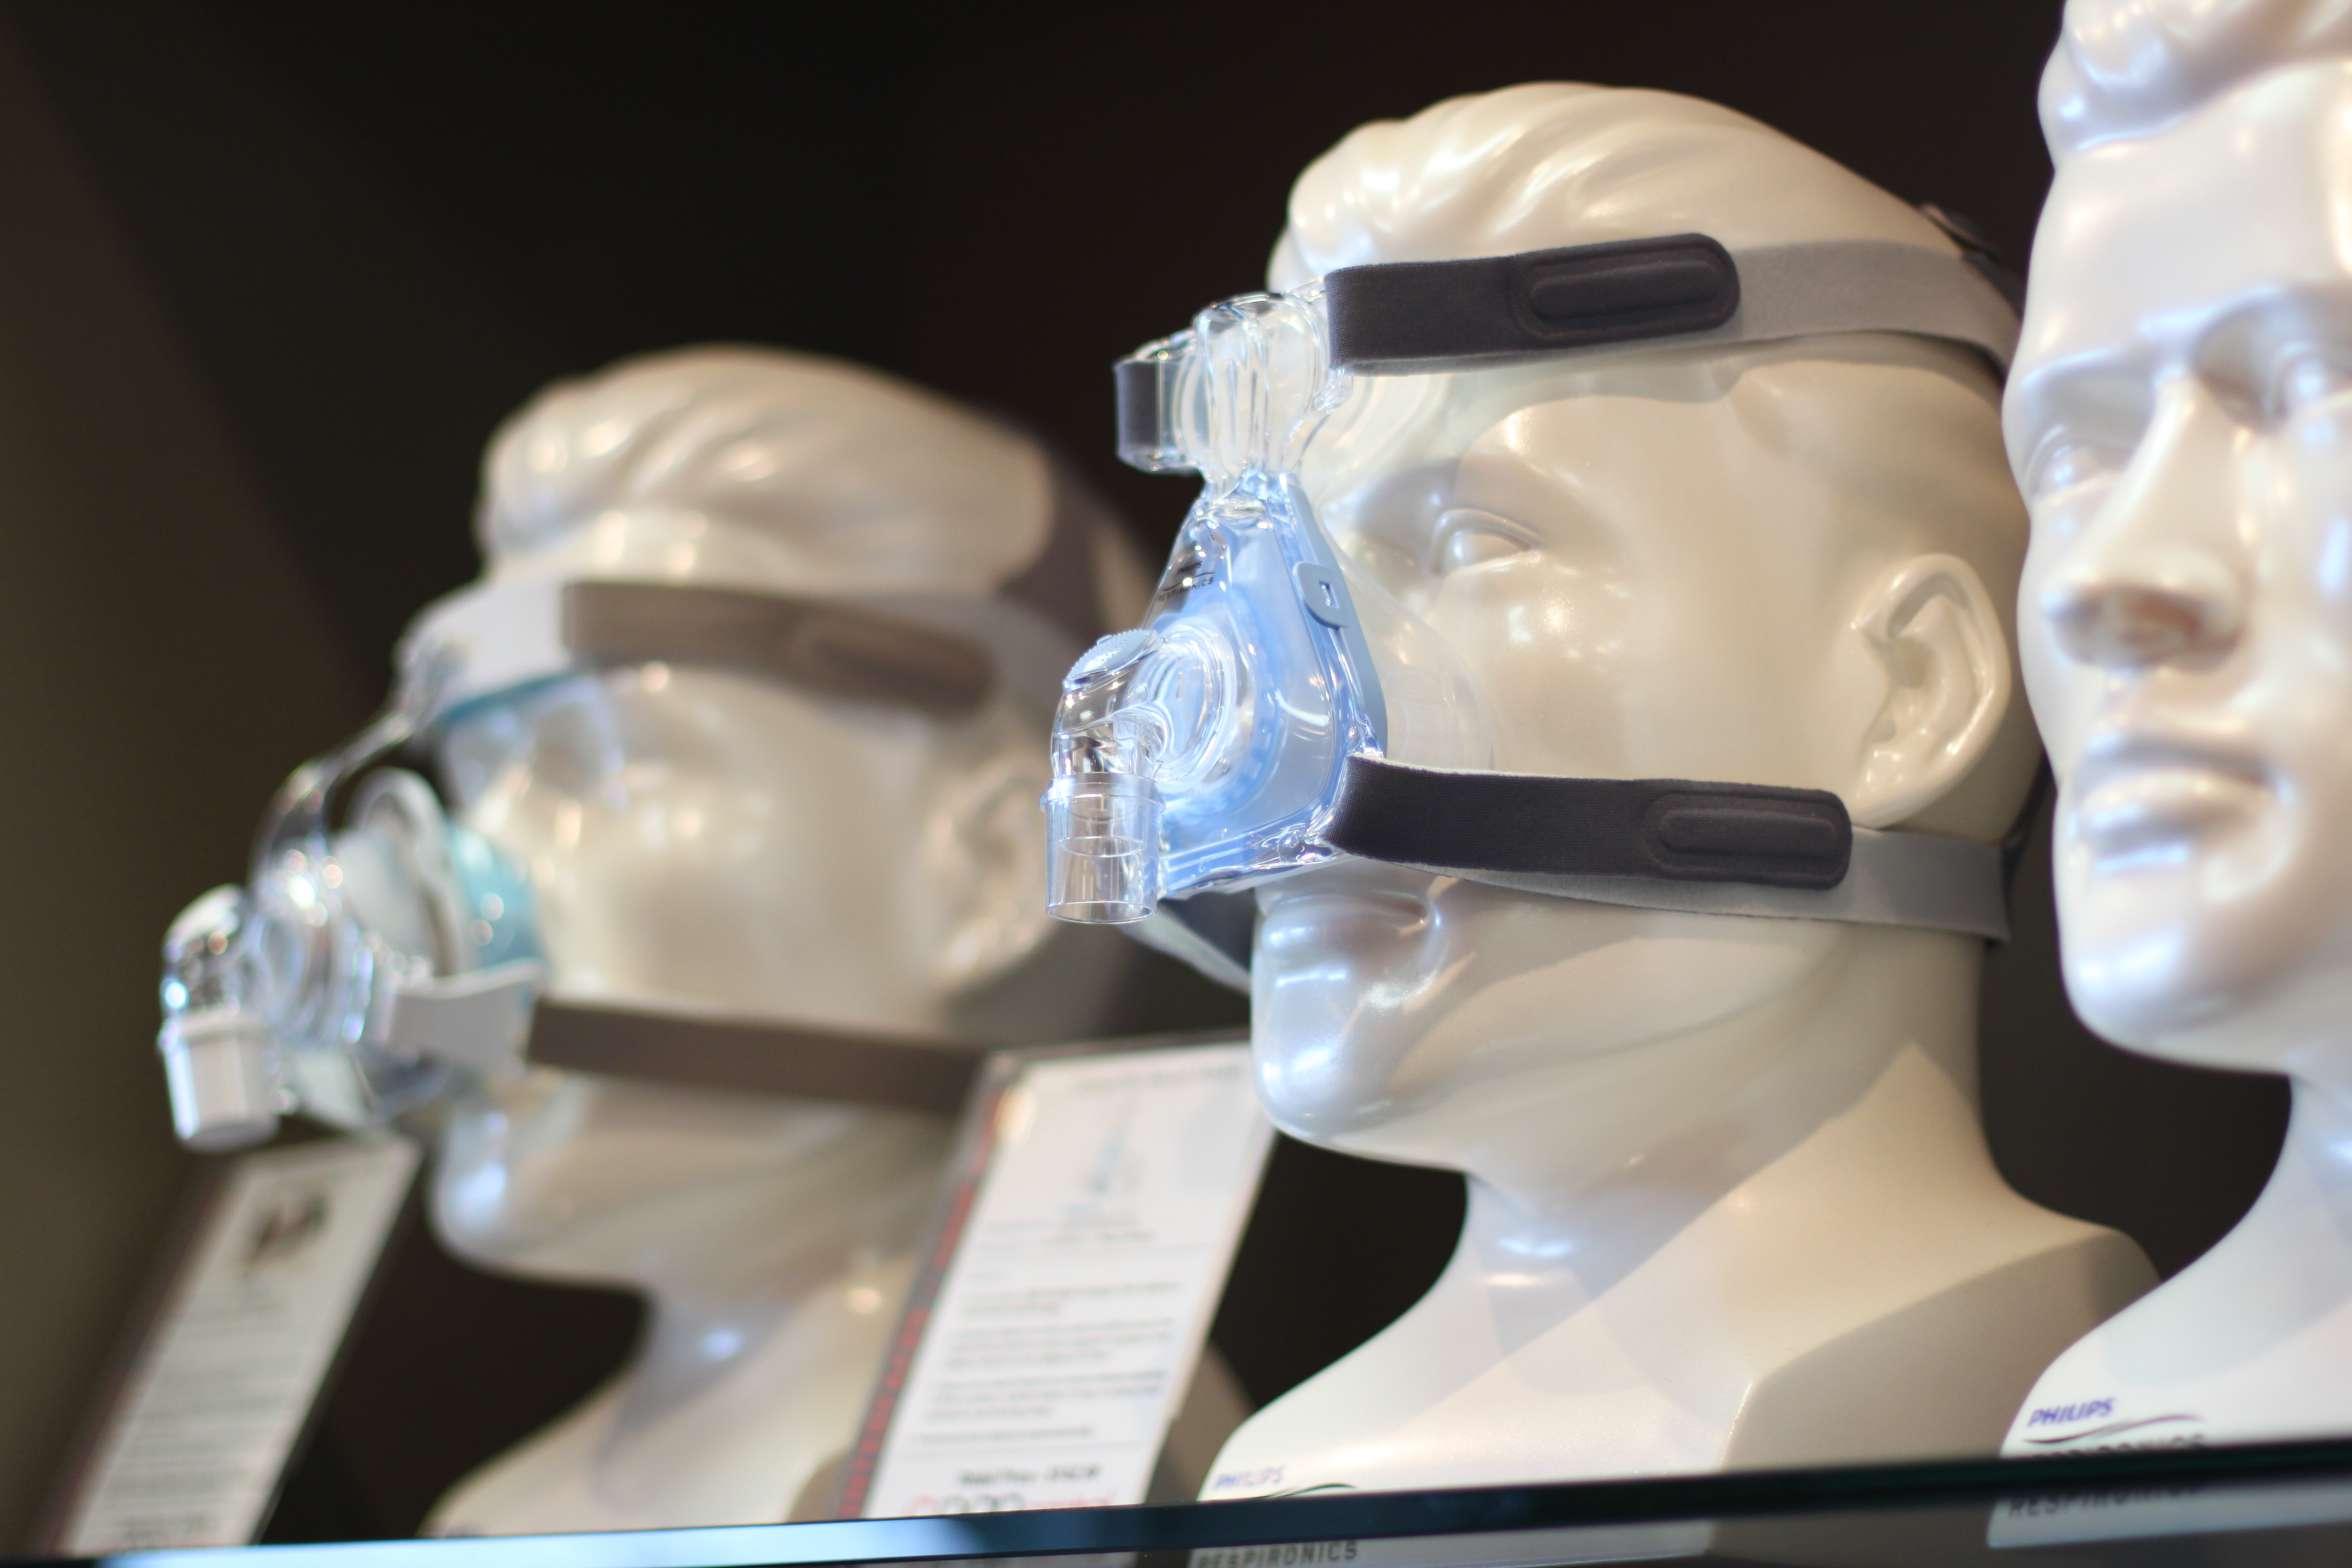 CPAP masks on display